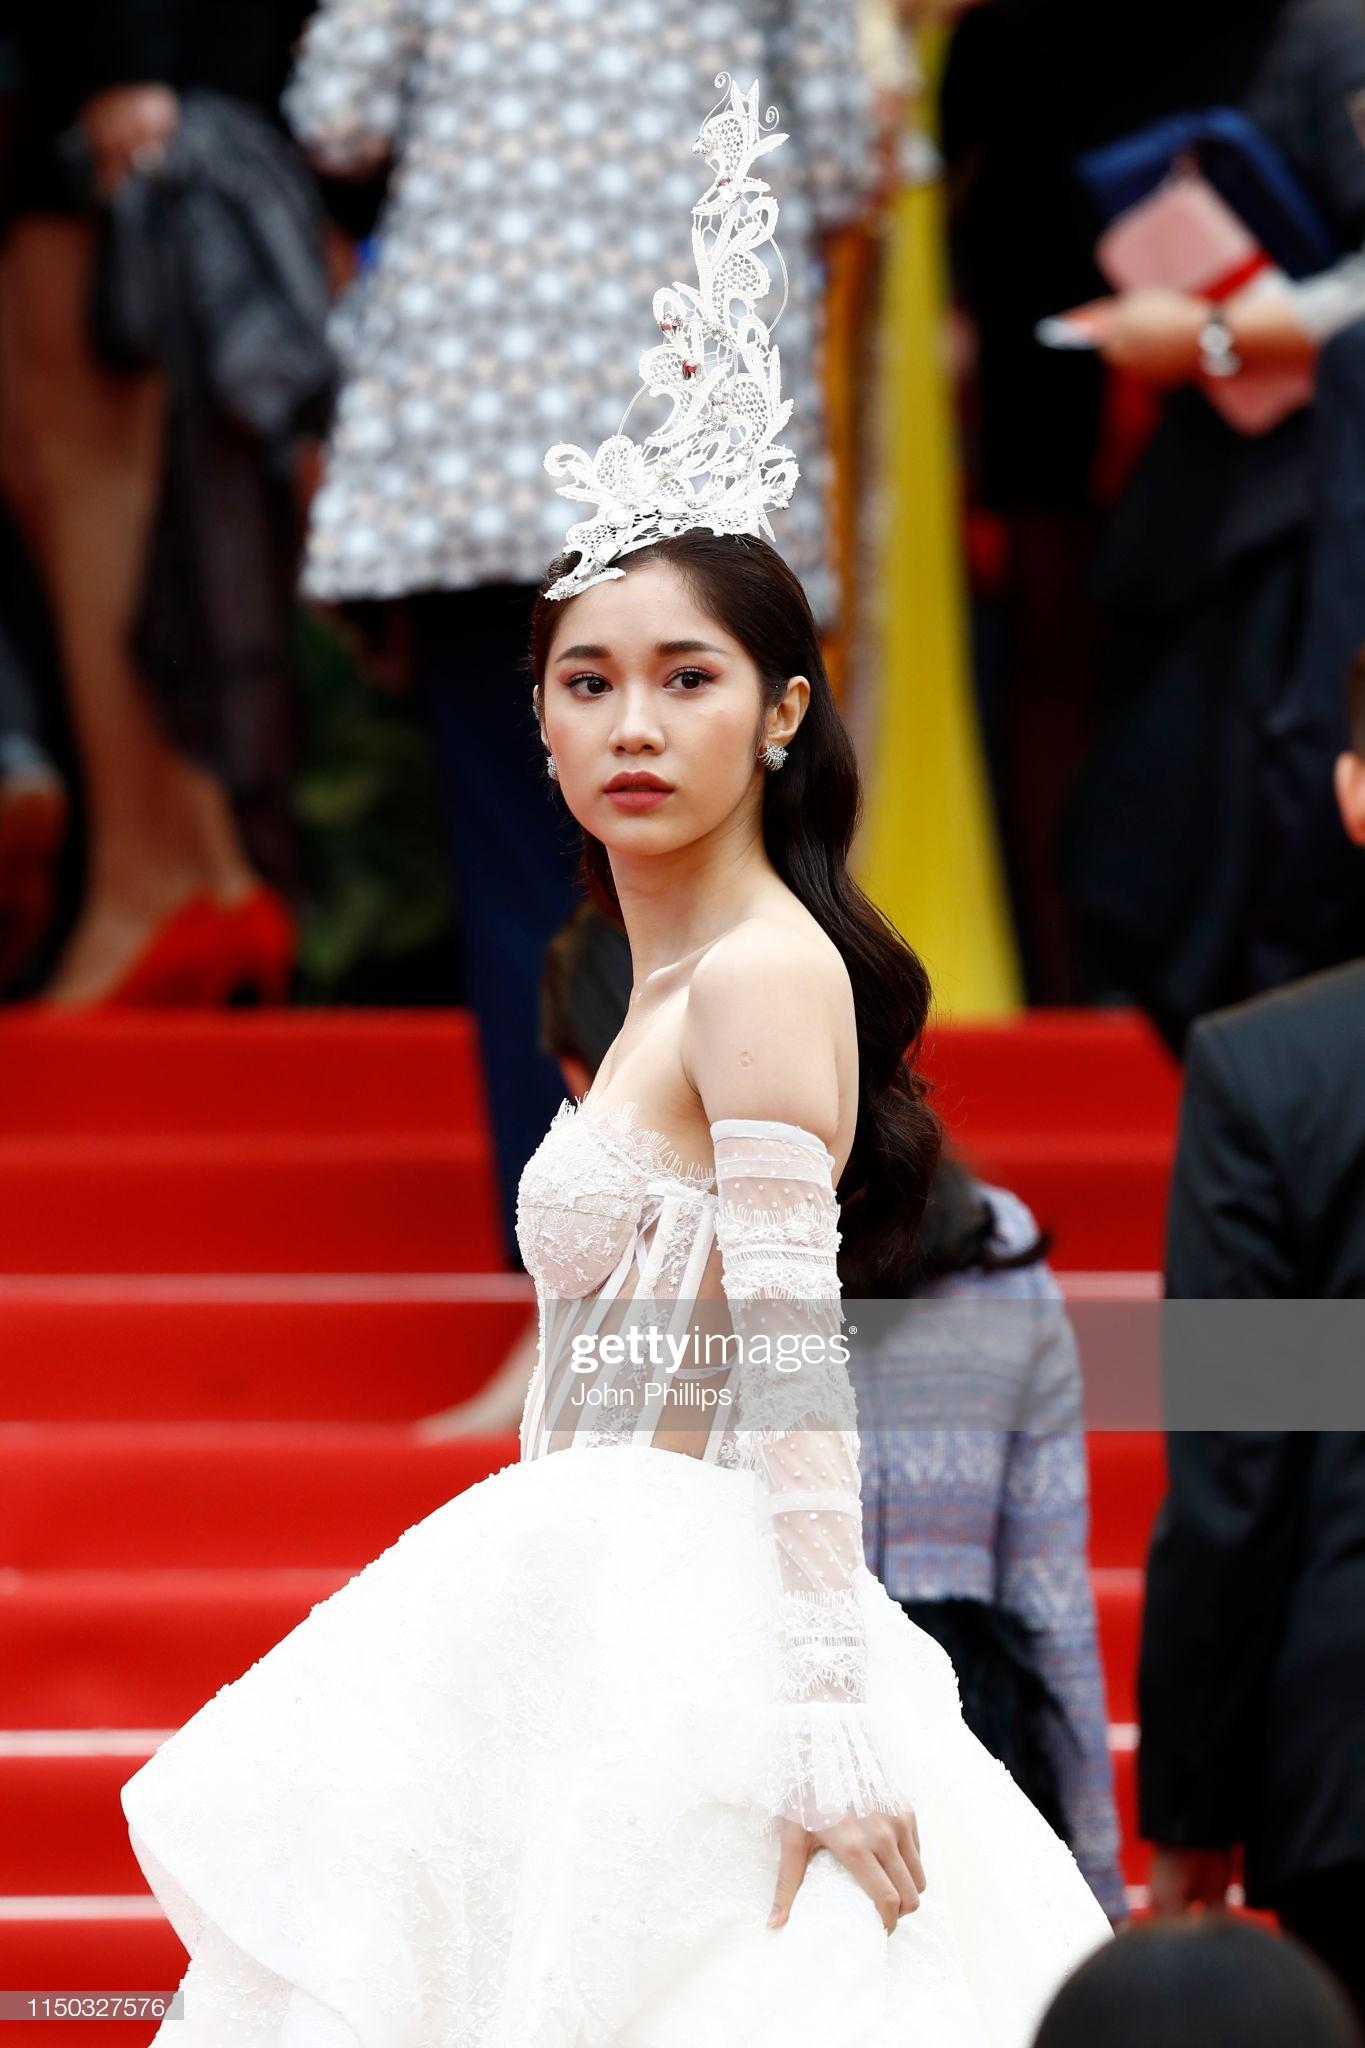 Thêm mỹ nhân Việt xuất hiện tại Cannes: Ăn mặc diêm dúa, cố tình chơi trội, hoá ra là người quen của Ngọc Trinh - Ảnh 2.